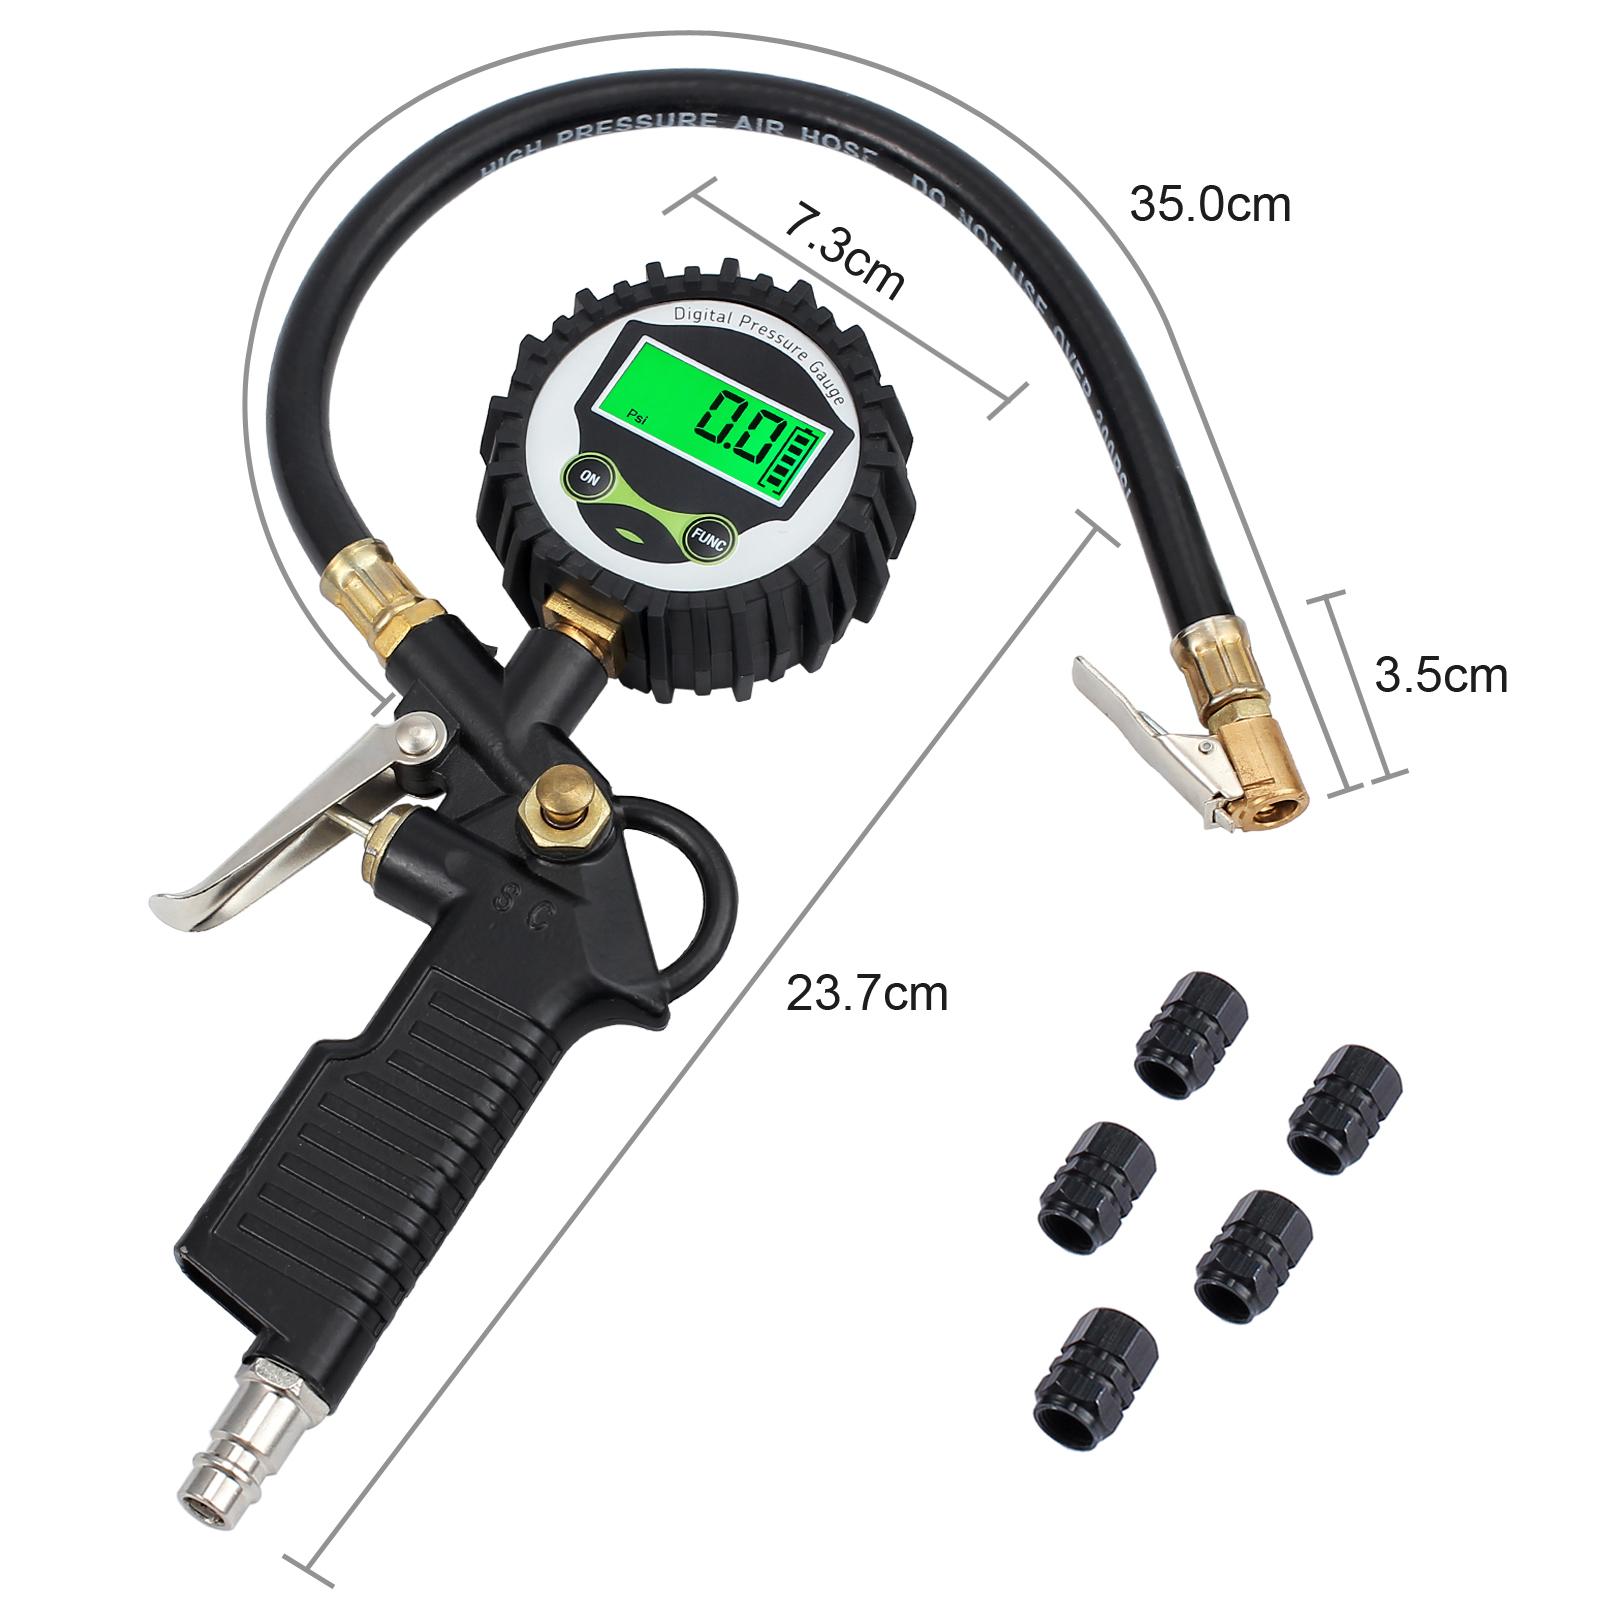 Neu Digital Für Auto Fahrrad Motor Reifen Luftdruckprüfer Druckmesser Manometer